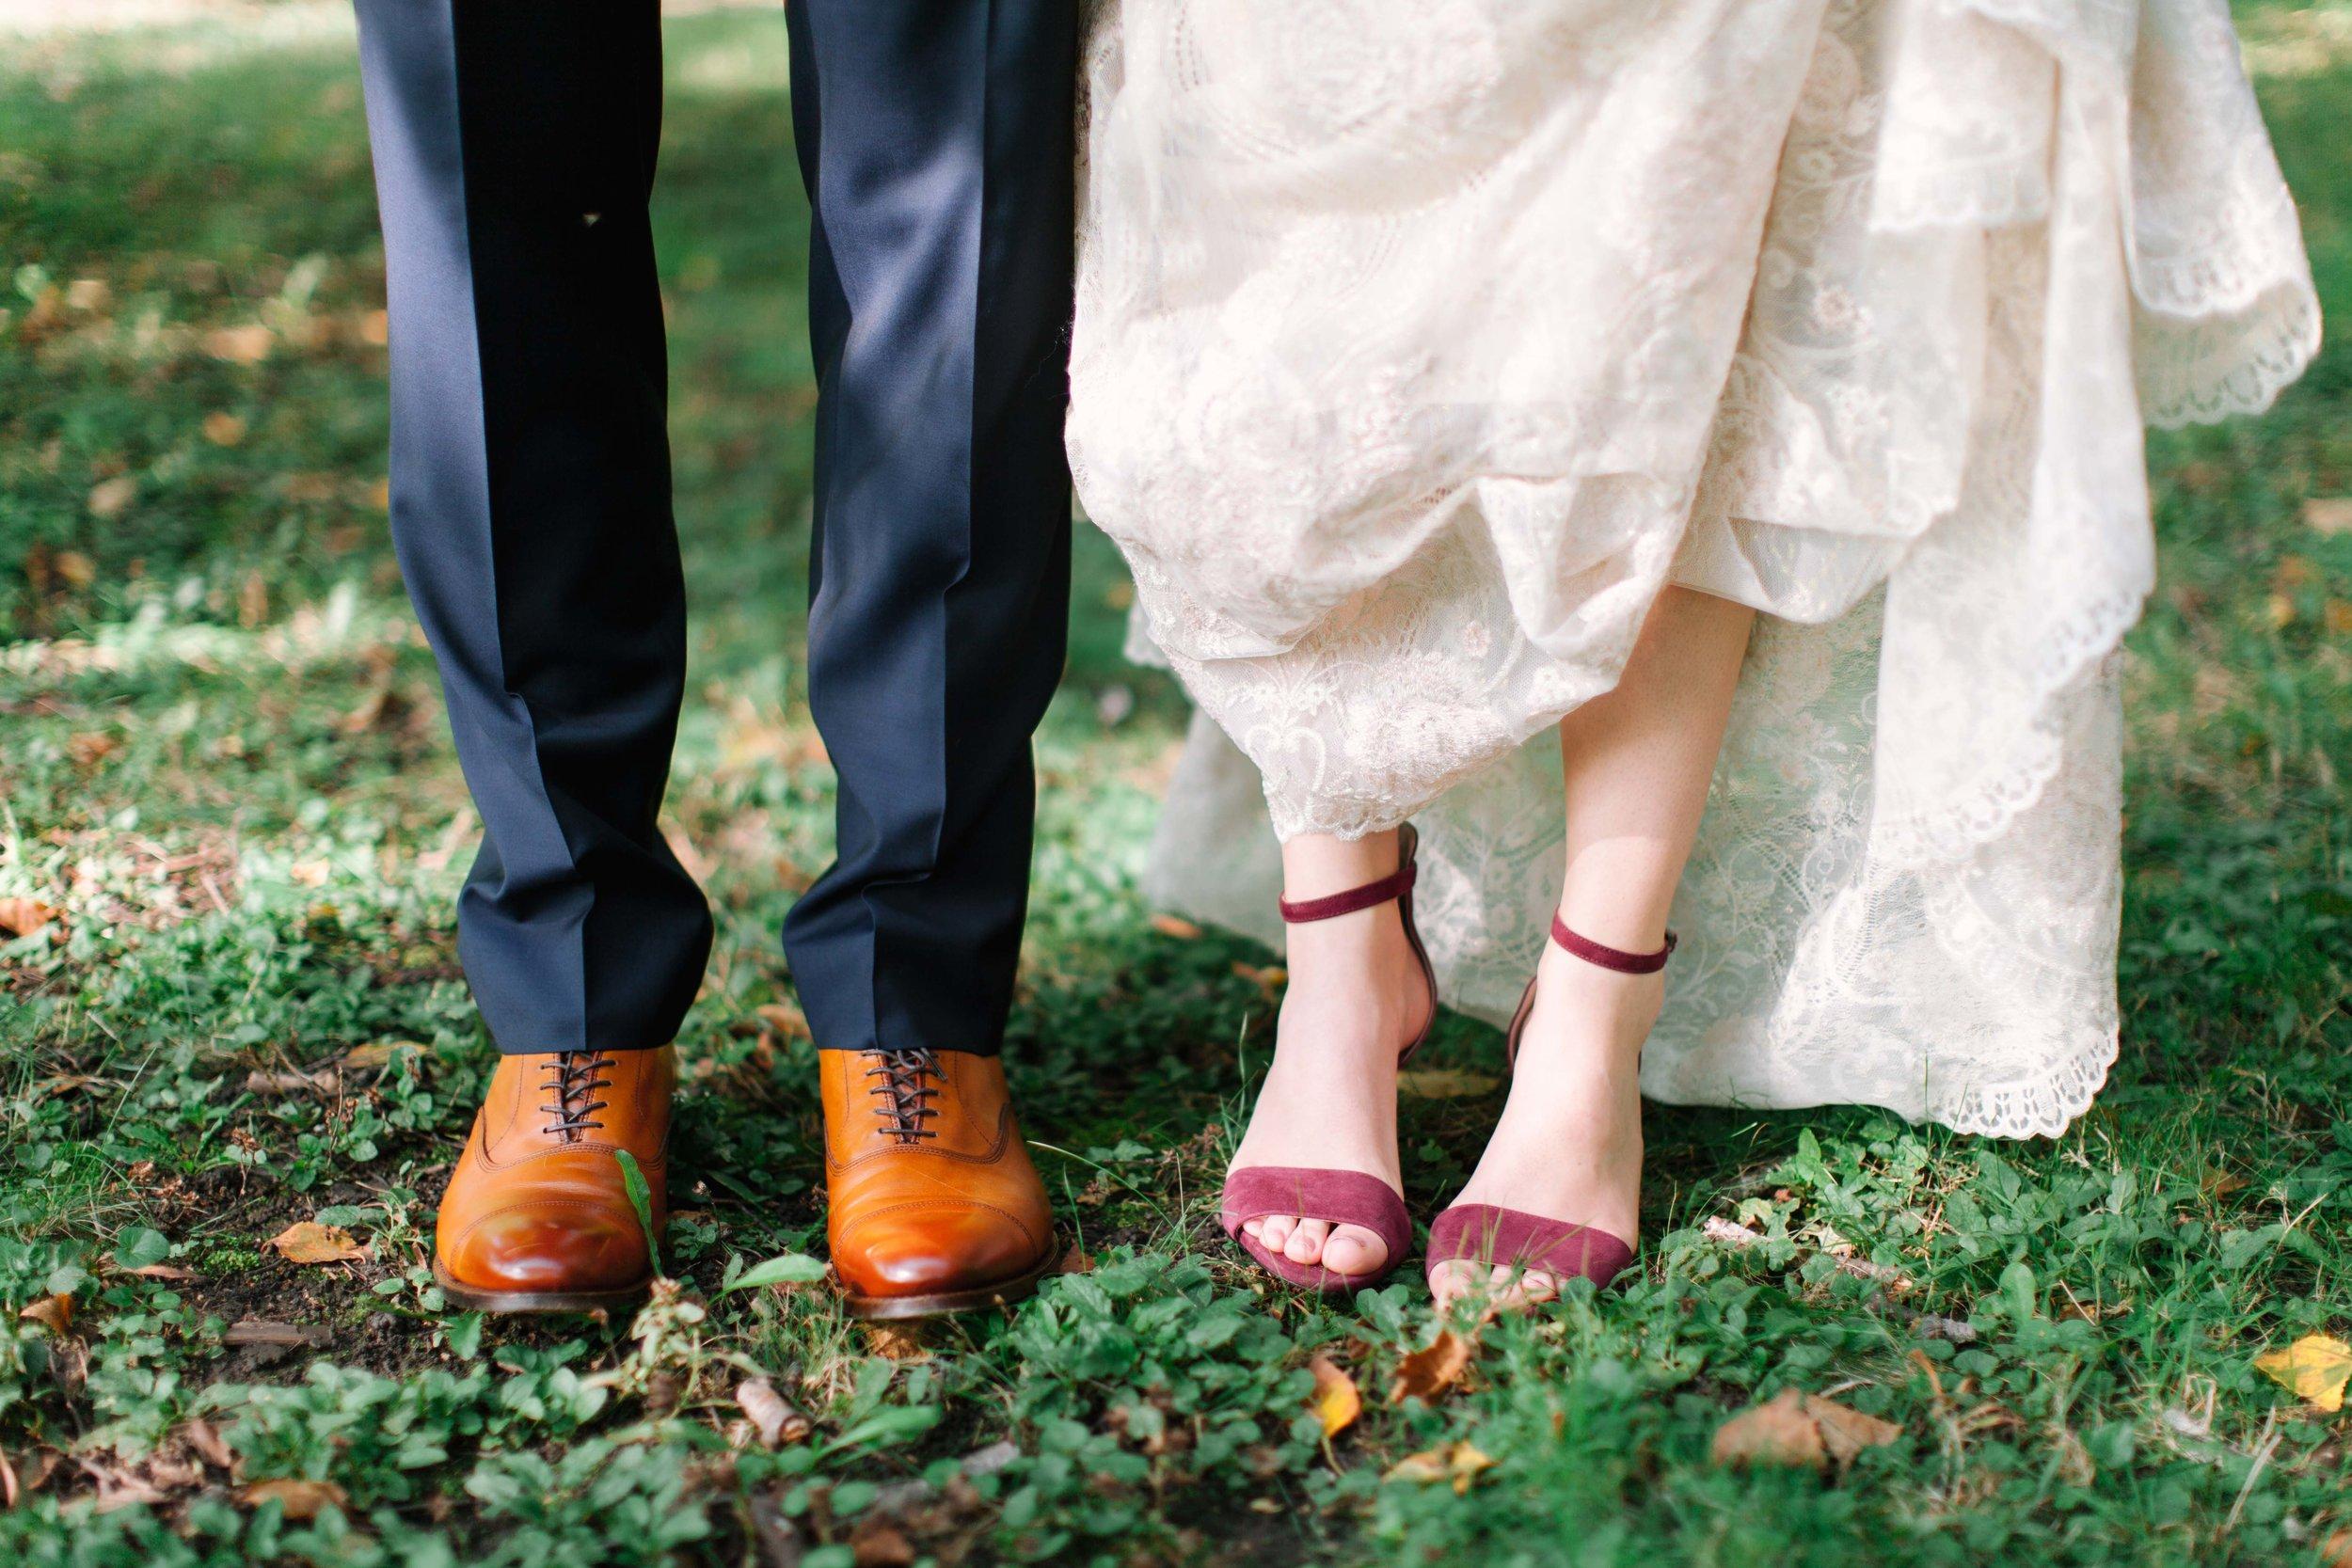 kateweinsteinphoto_clairewillie_wedding-206.jpg